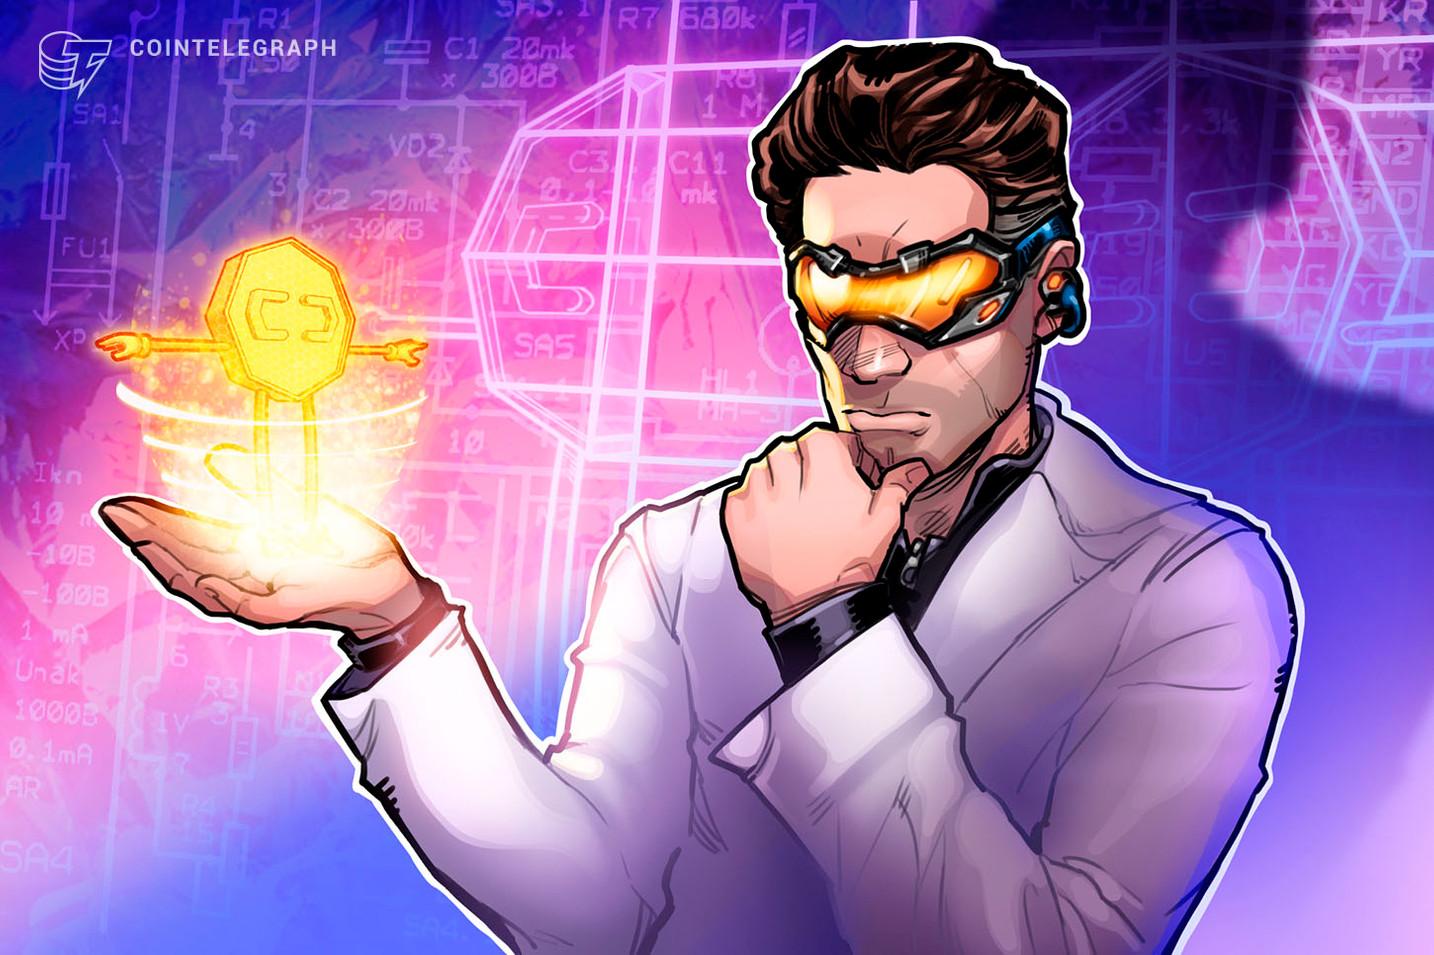 """Criptomoedas podem """"melhorar o mundo digital"""", diz consultoria de investidores institucionais"""